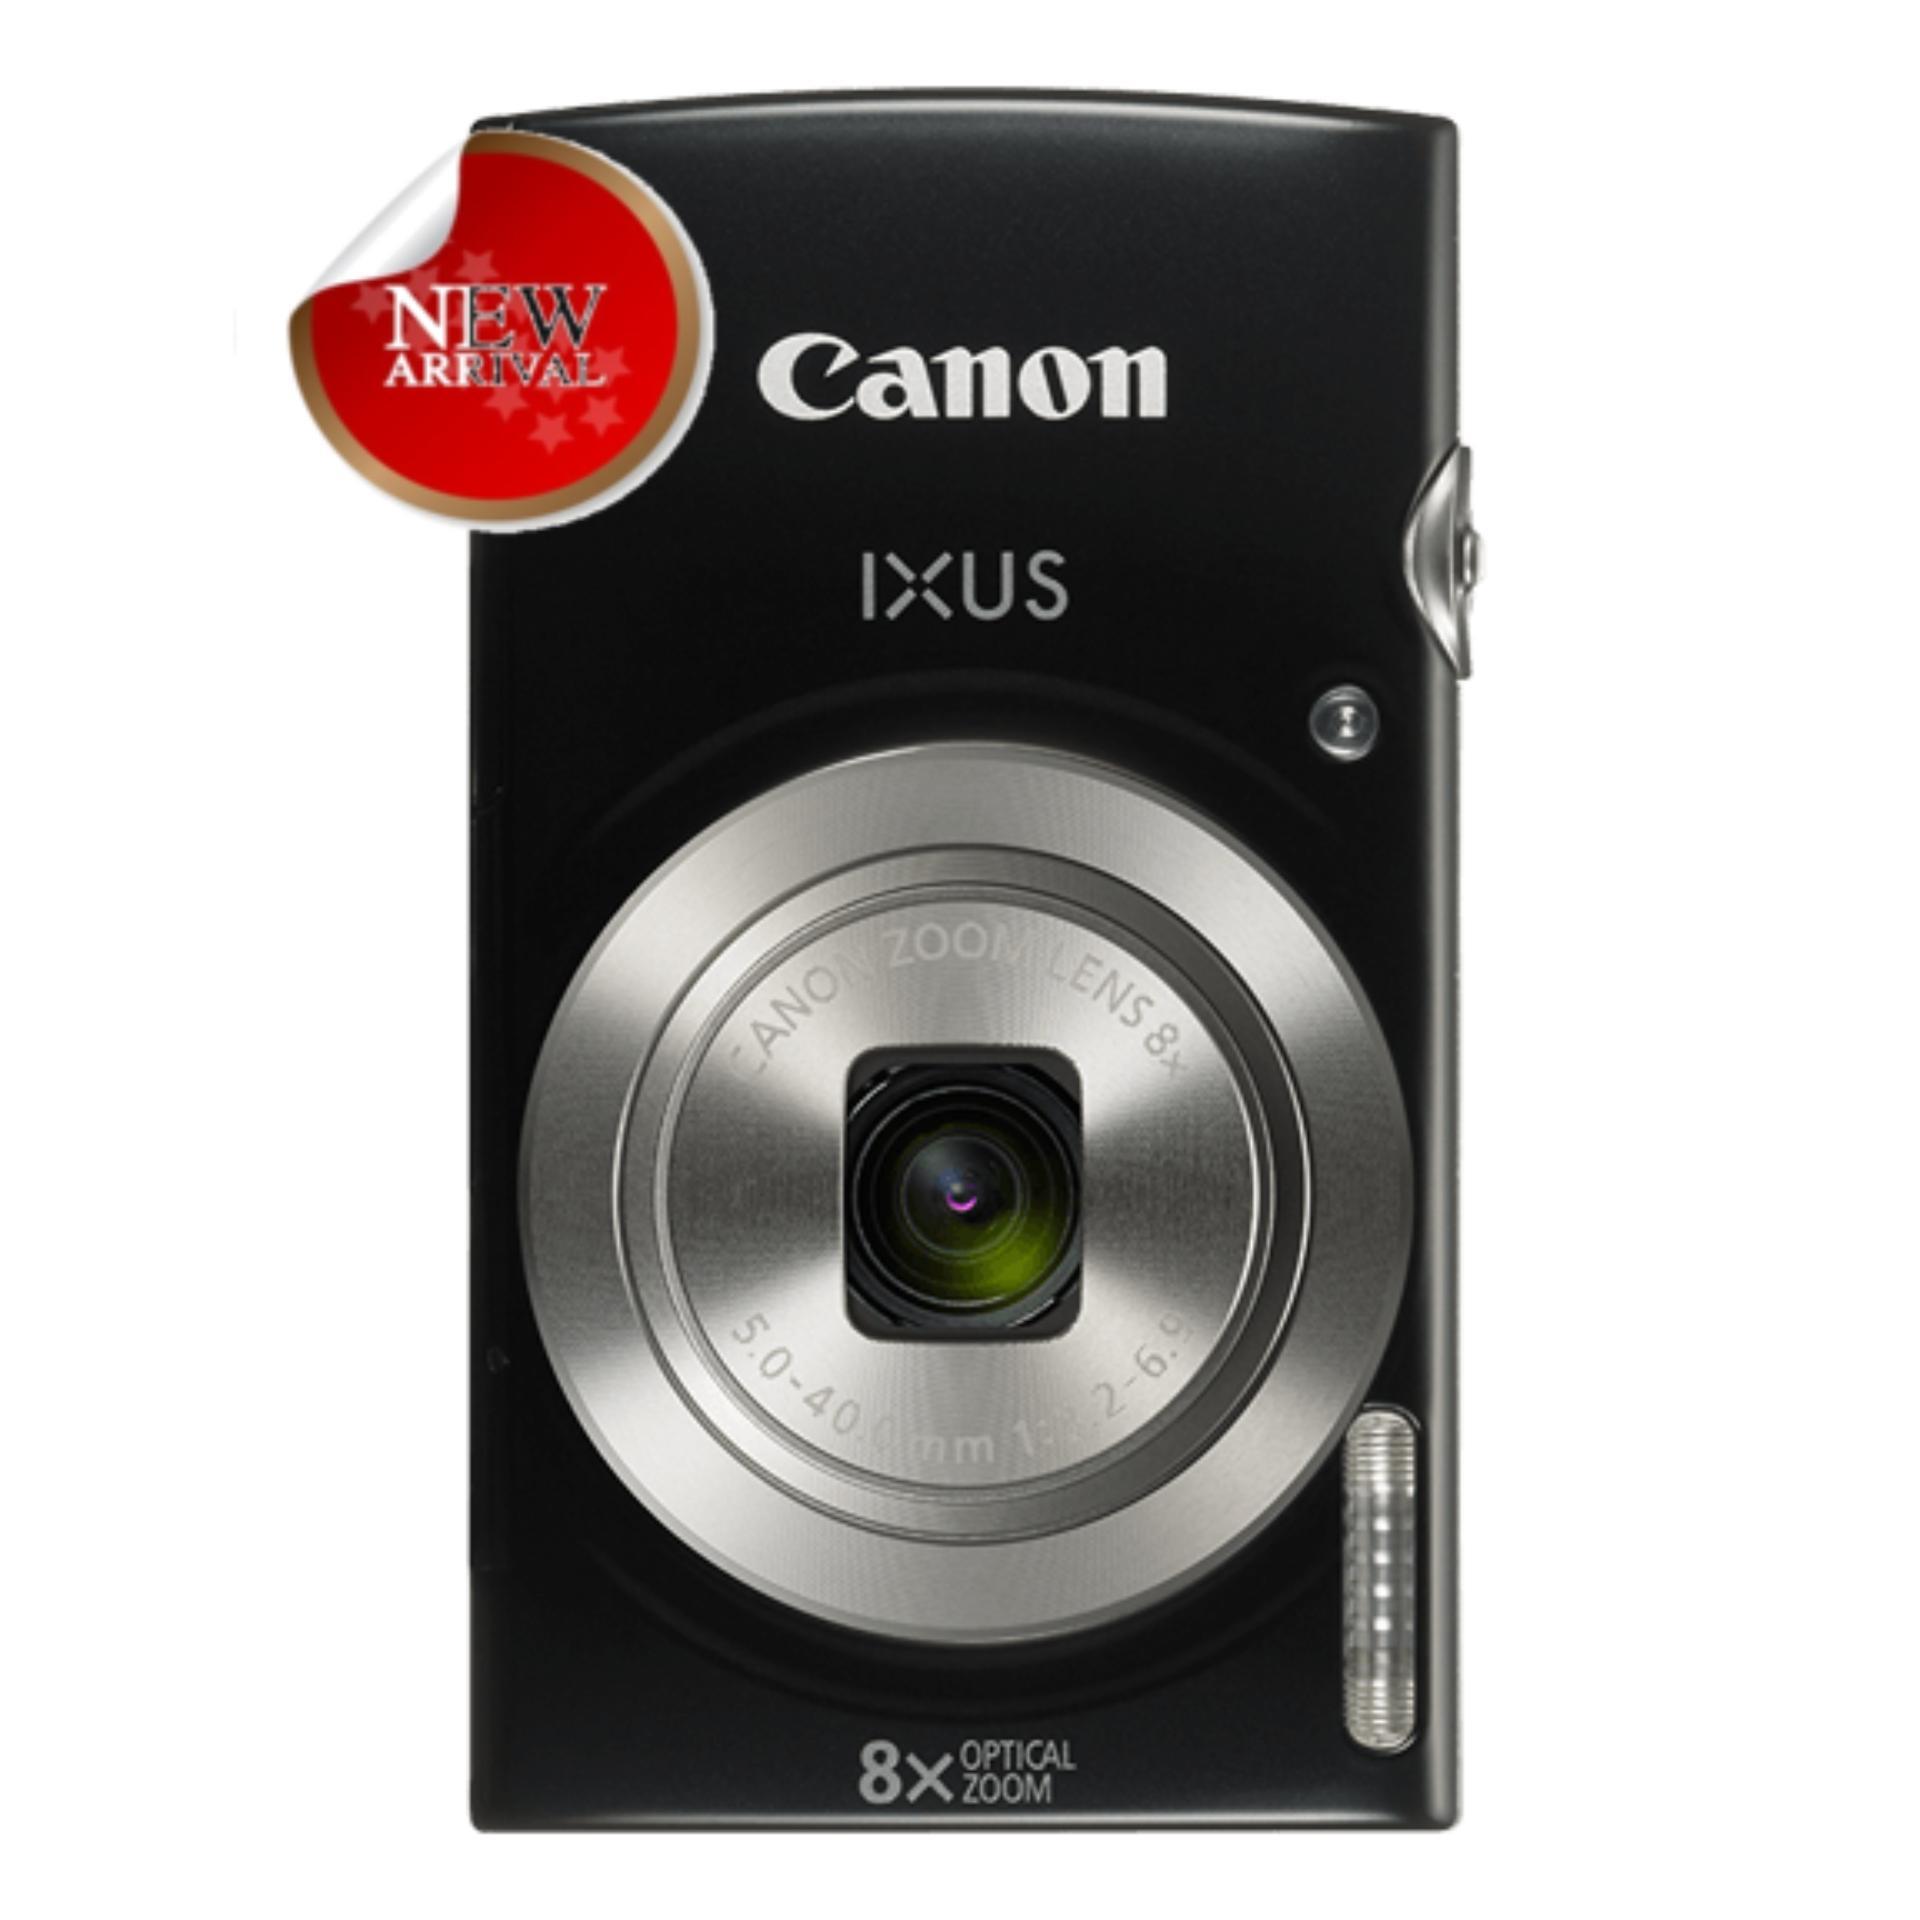 [NEW MODEL] Canon Ixus 185 (Black)(Black)